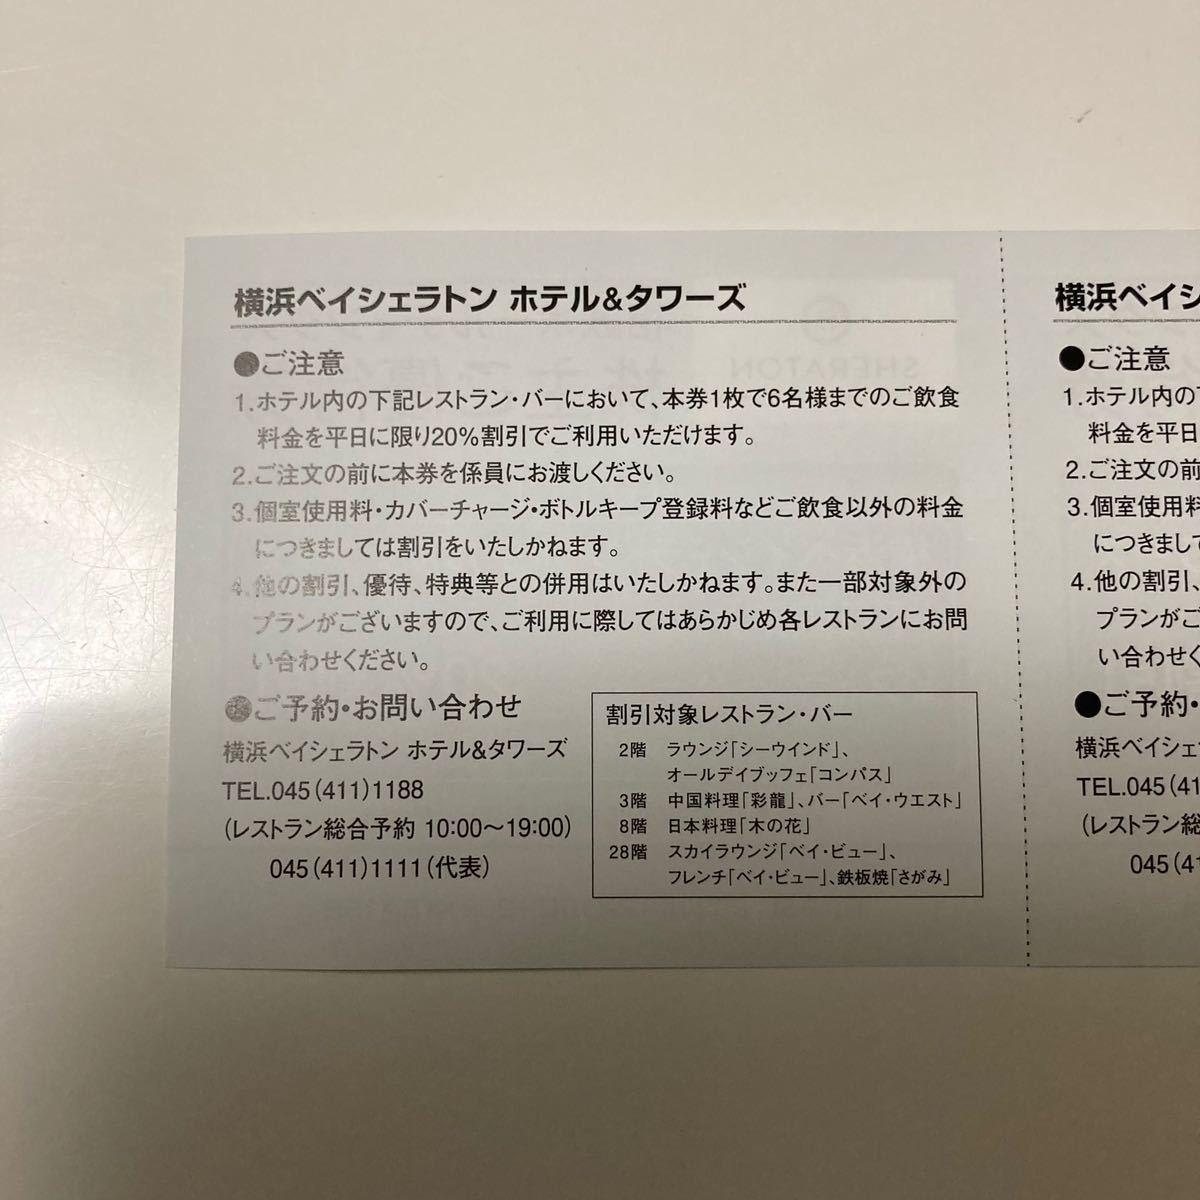 即決 相鉄ホールディングス 株主ご優待券 横浜ベイシェラトン ホテル&タワーズ レストラン・バー(平日限定) 20%割引券 2枚_画像2